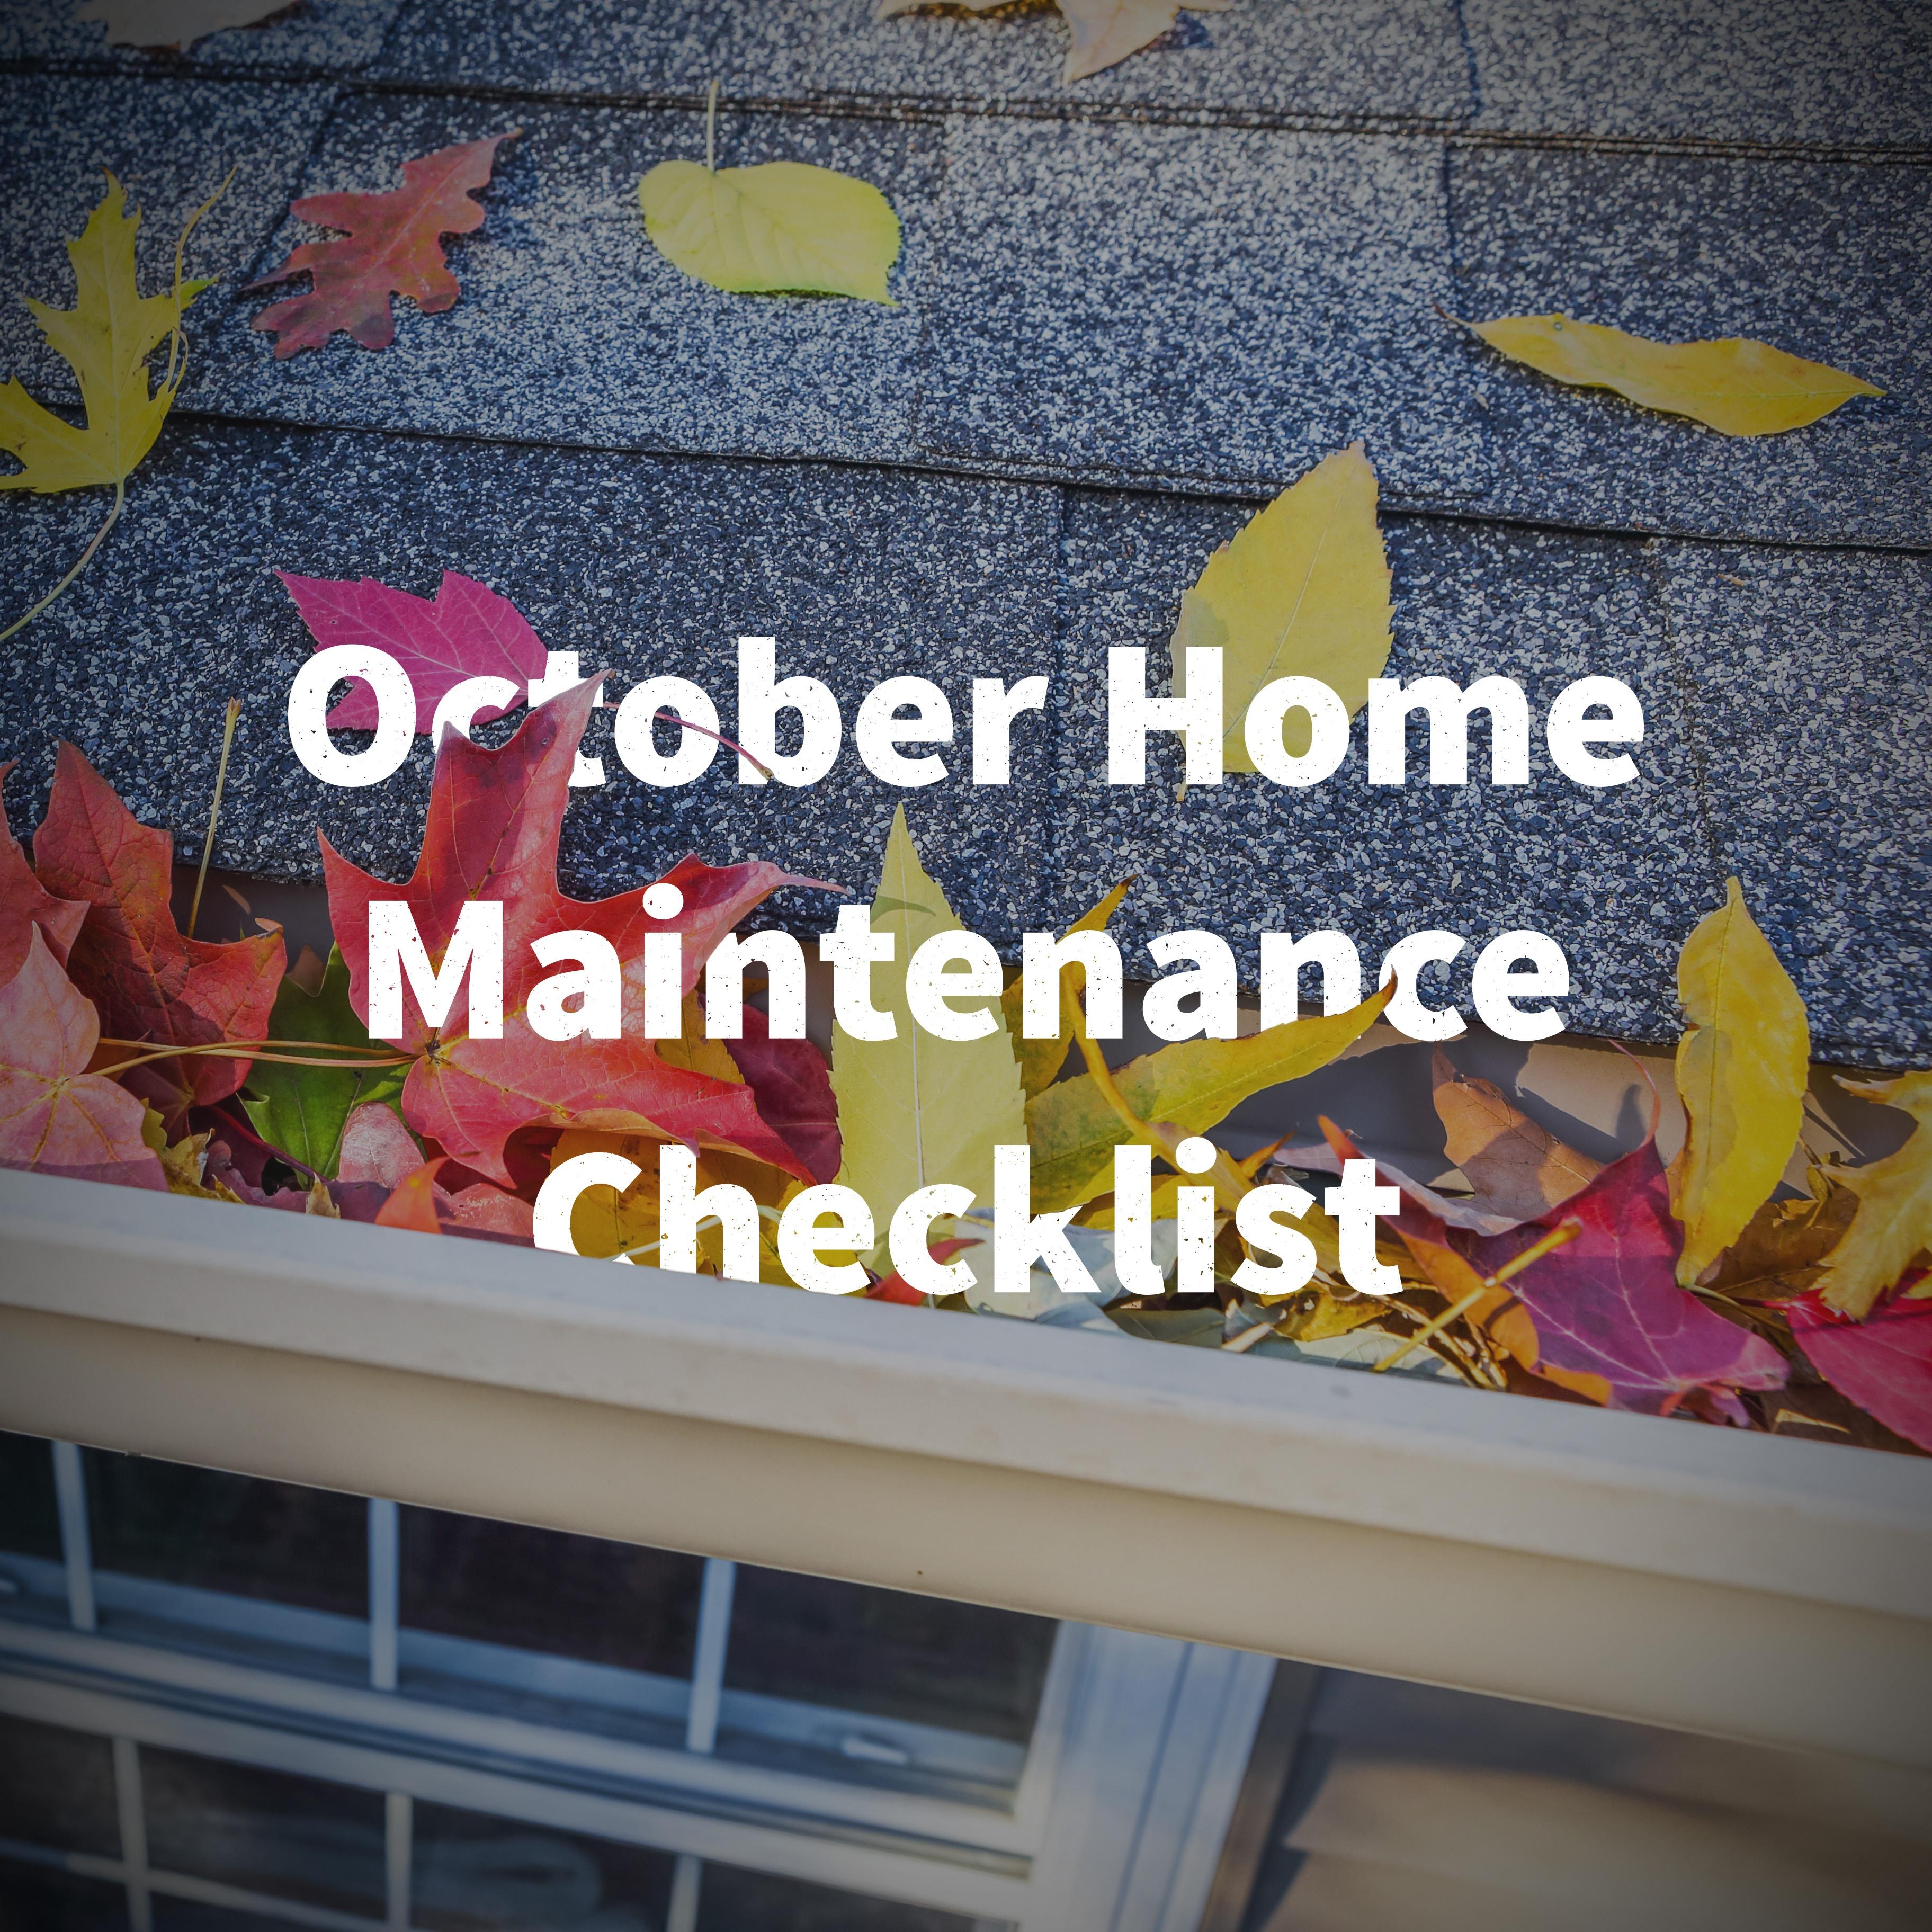 October home maintenance checklist blog.jpg